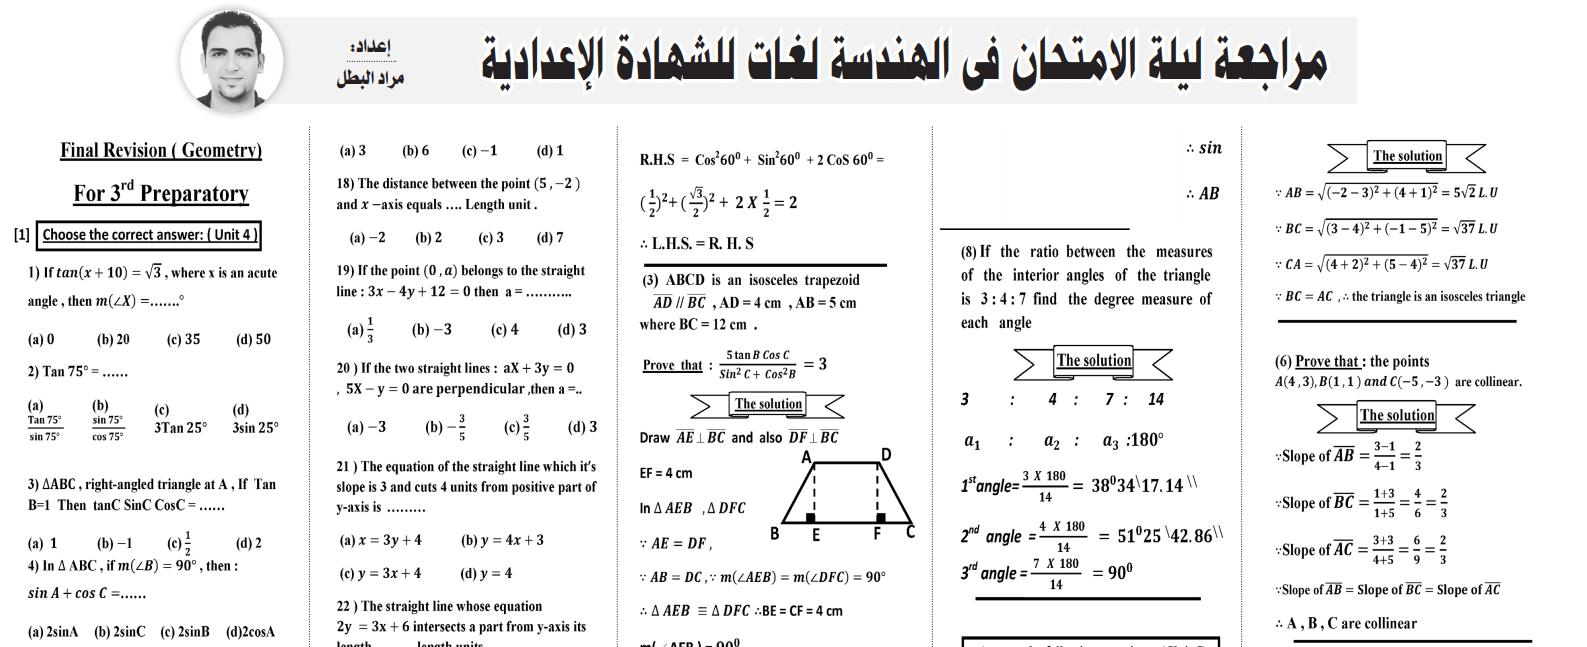 جيومترى geomtry الصف الثالث الاعدادى ترم اول